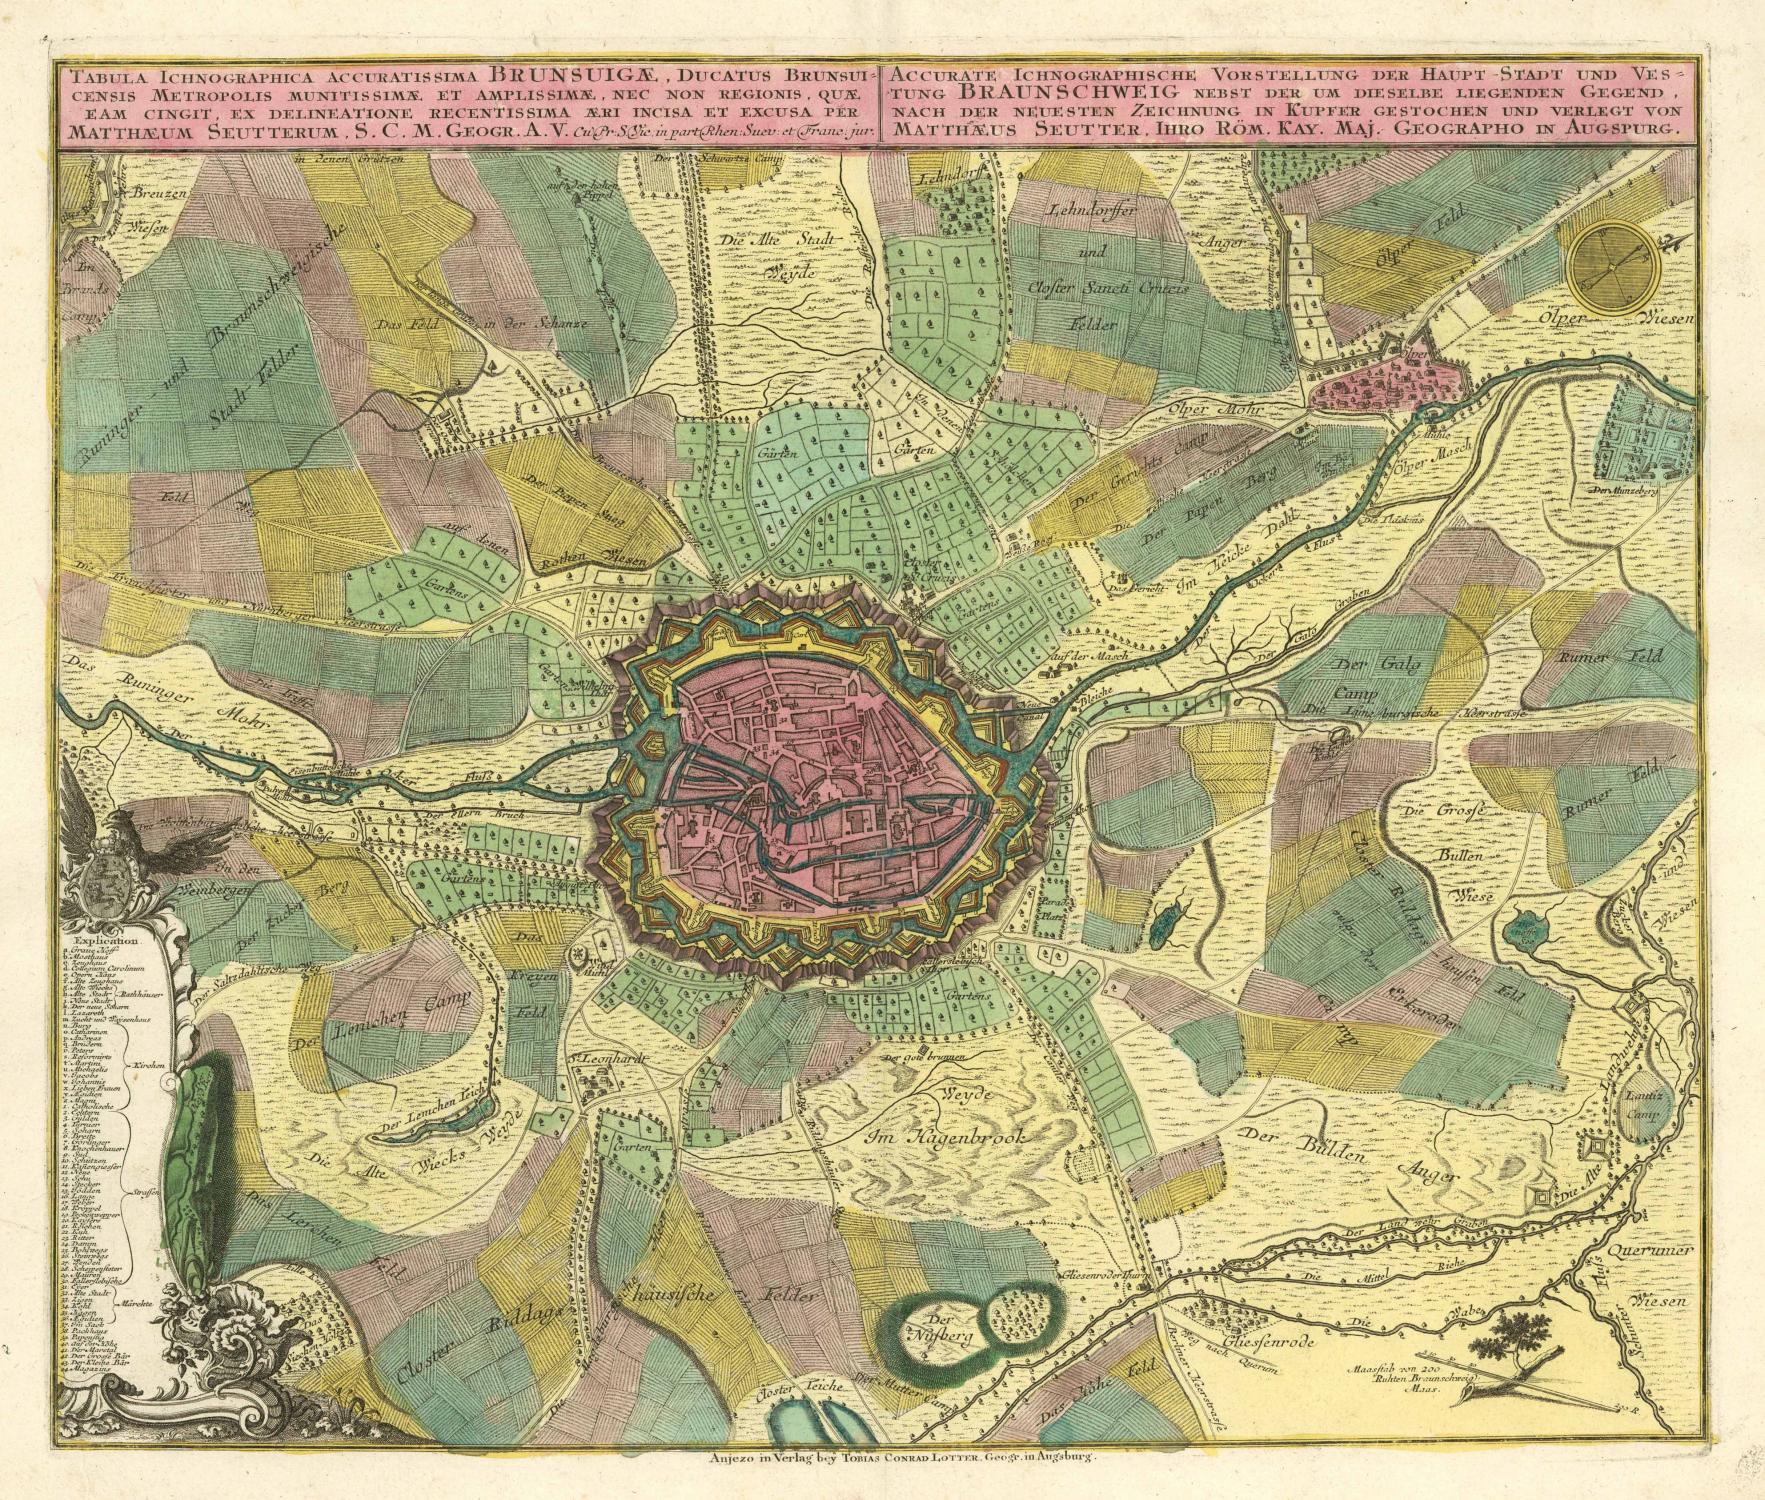 Befestigungsanlagen Mit Stadtplan Und Karte Der Umgebung (u0027Tabula  Ichnographica Accuratissima Brunsuigae .   Accurate Ichnographische  Vorstellung Der ...